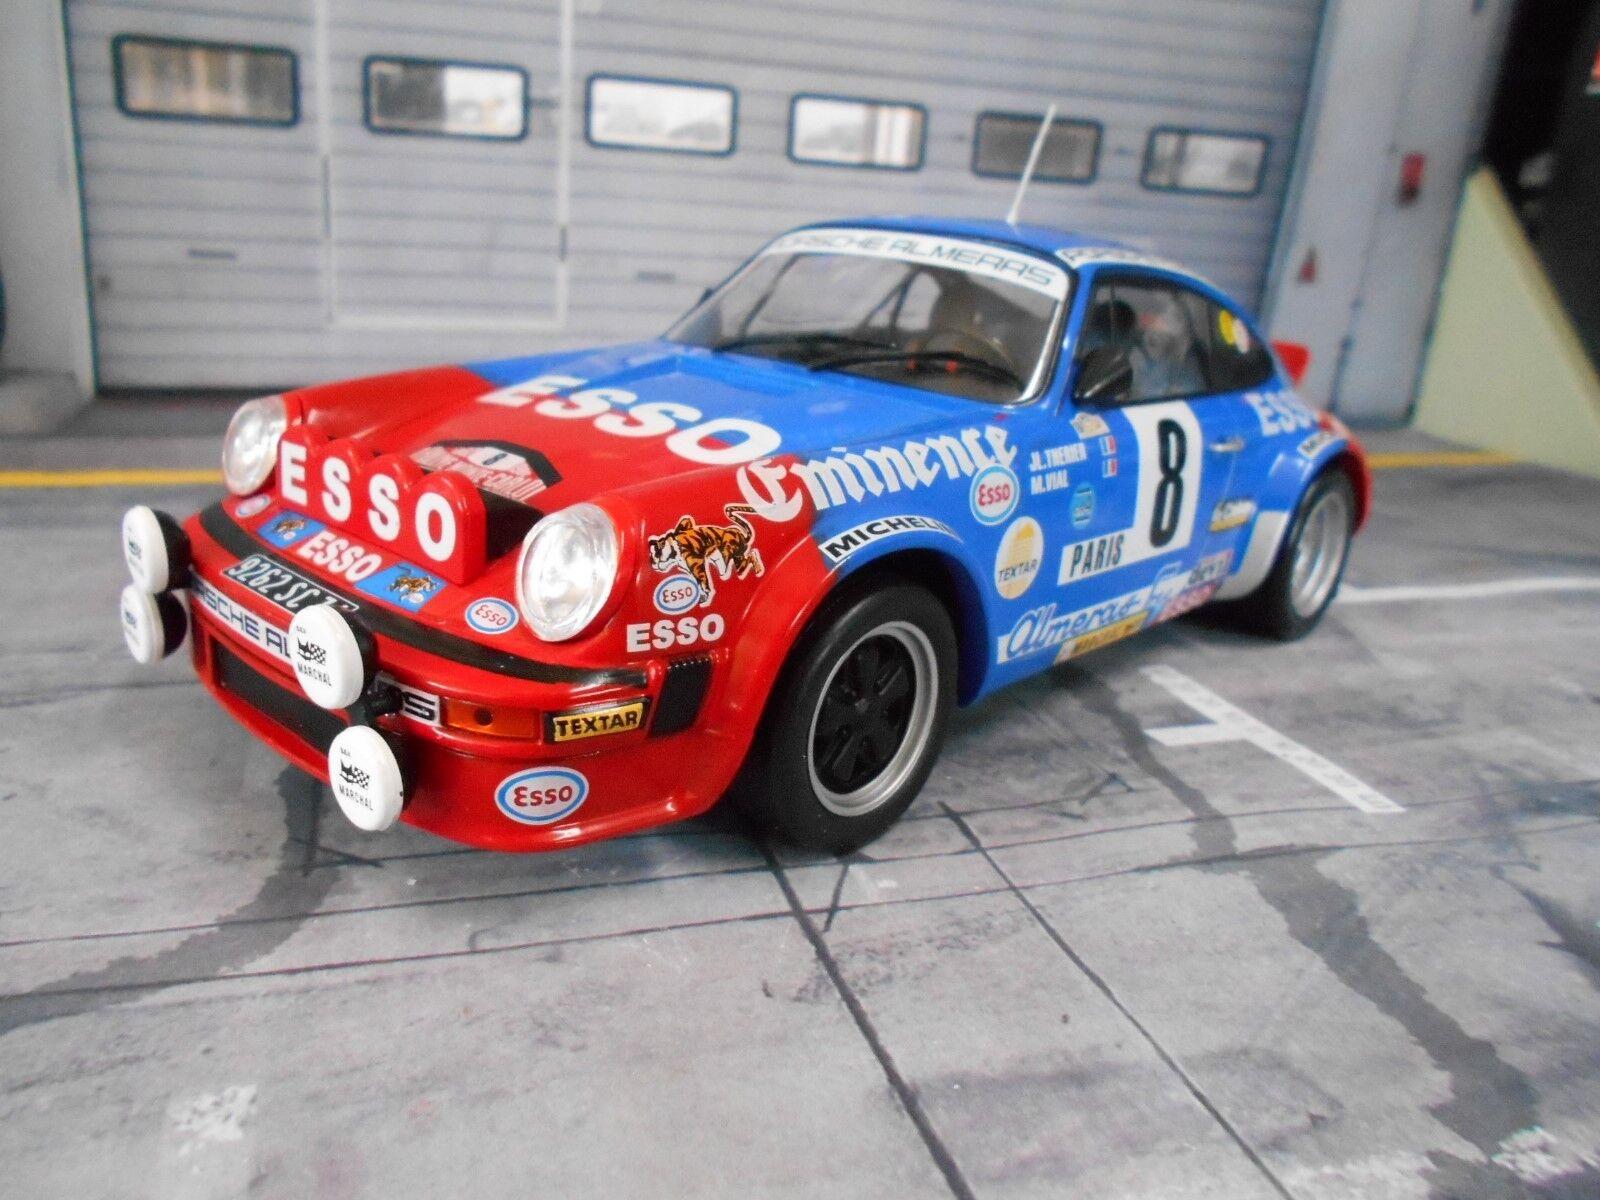 PORSCHE 911 SC rallye Monte billo 1982 Therier Almeras RAR IXO Altaya 1 18